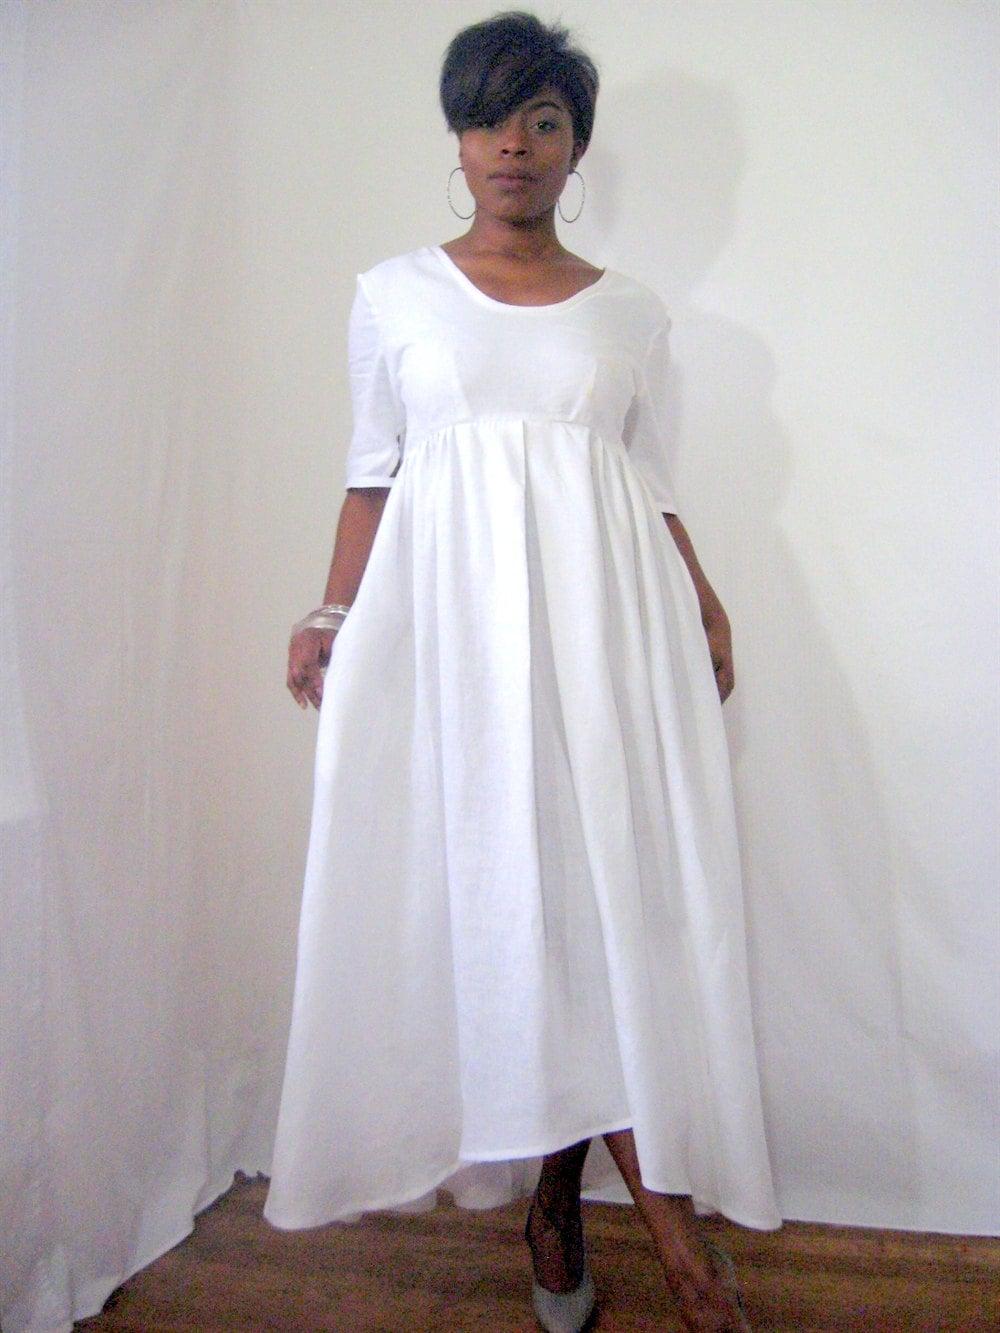 White Linen Dress Uneven Hemline Short Sleeves Geometric